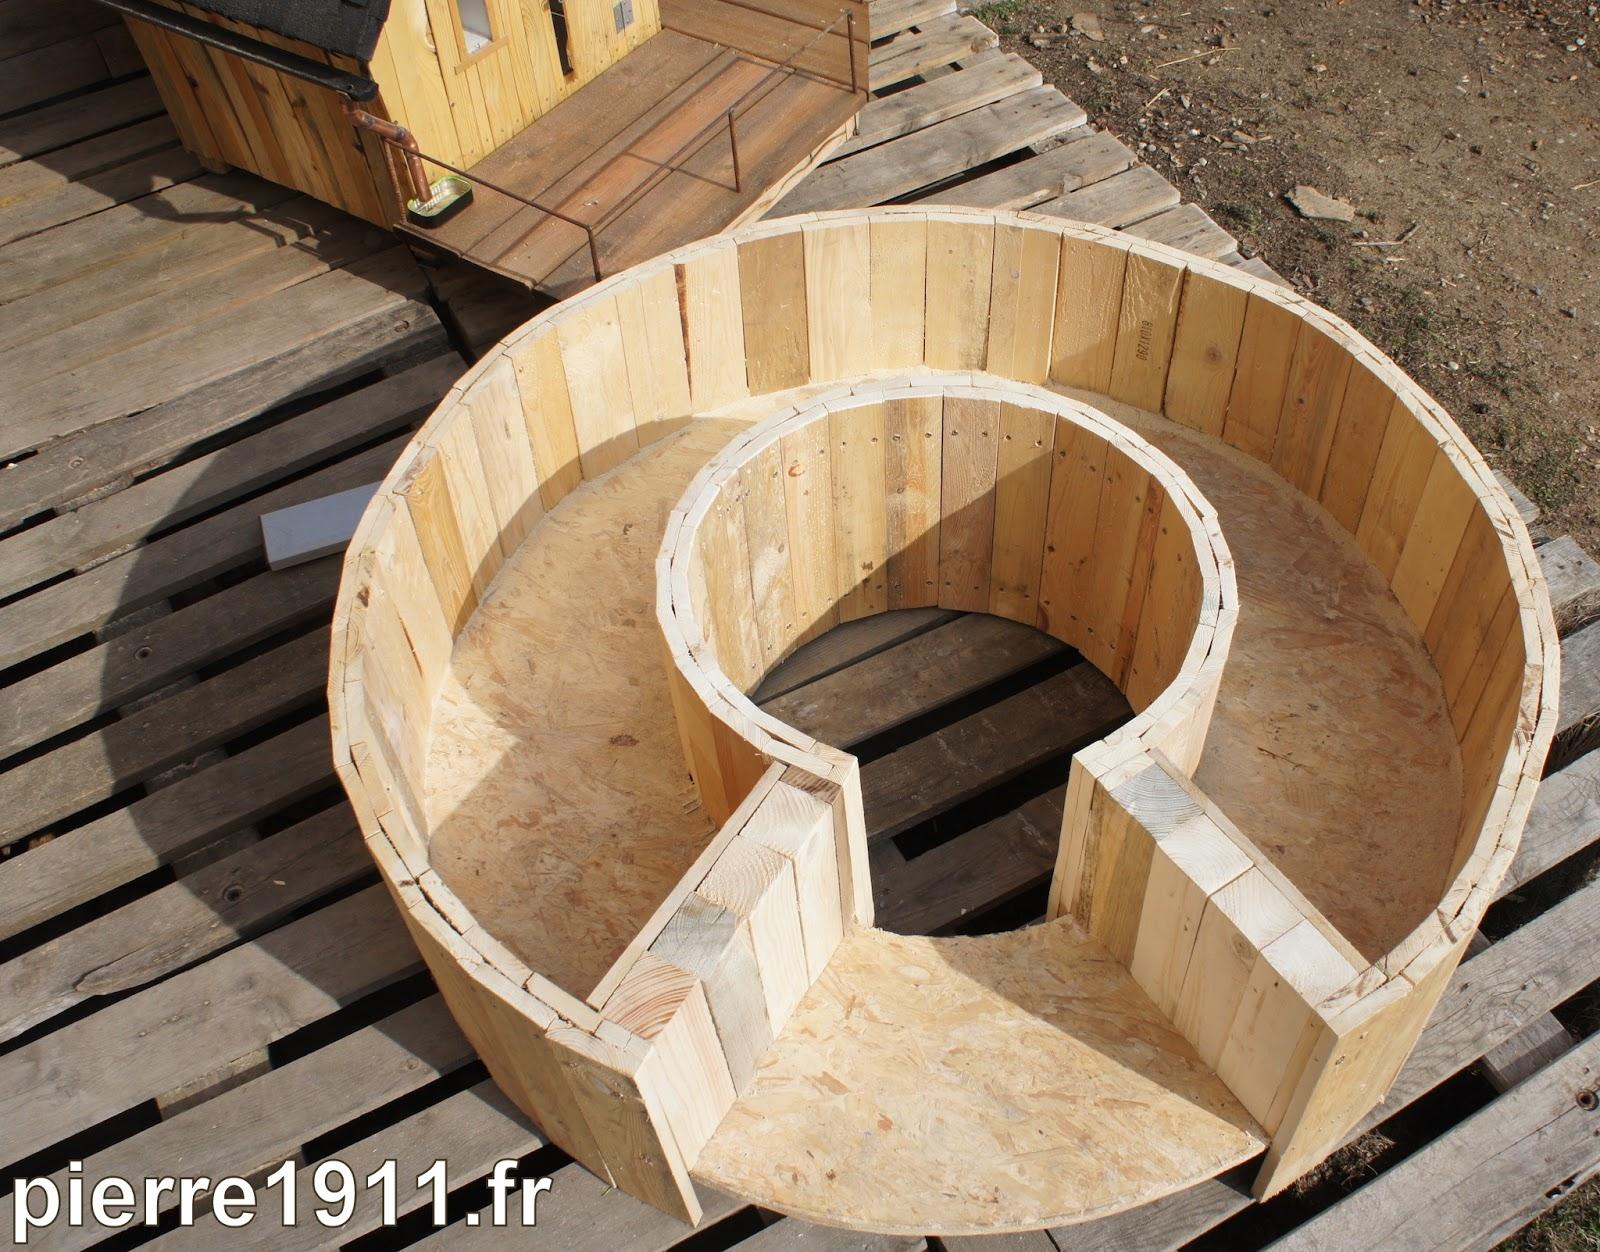 Hervorragend bac de permaculture dans une crèche : la ronde de la vie  SN12